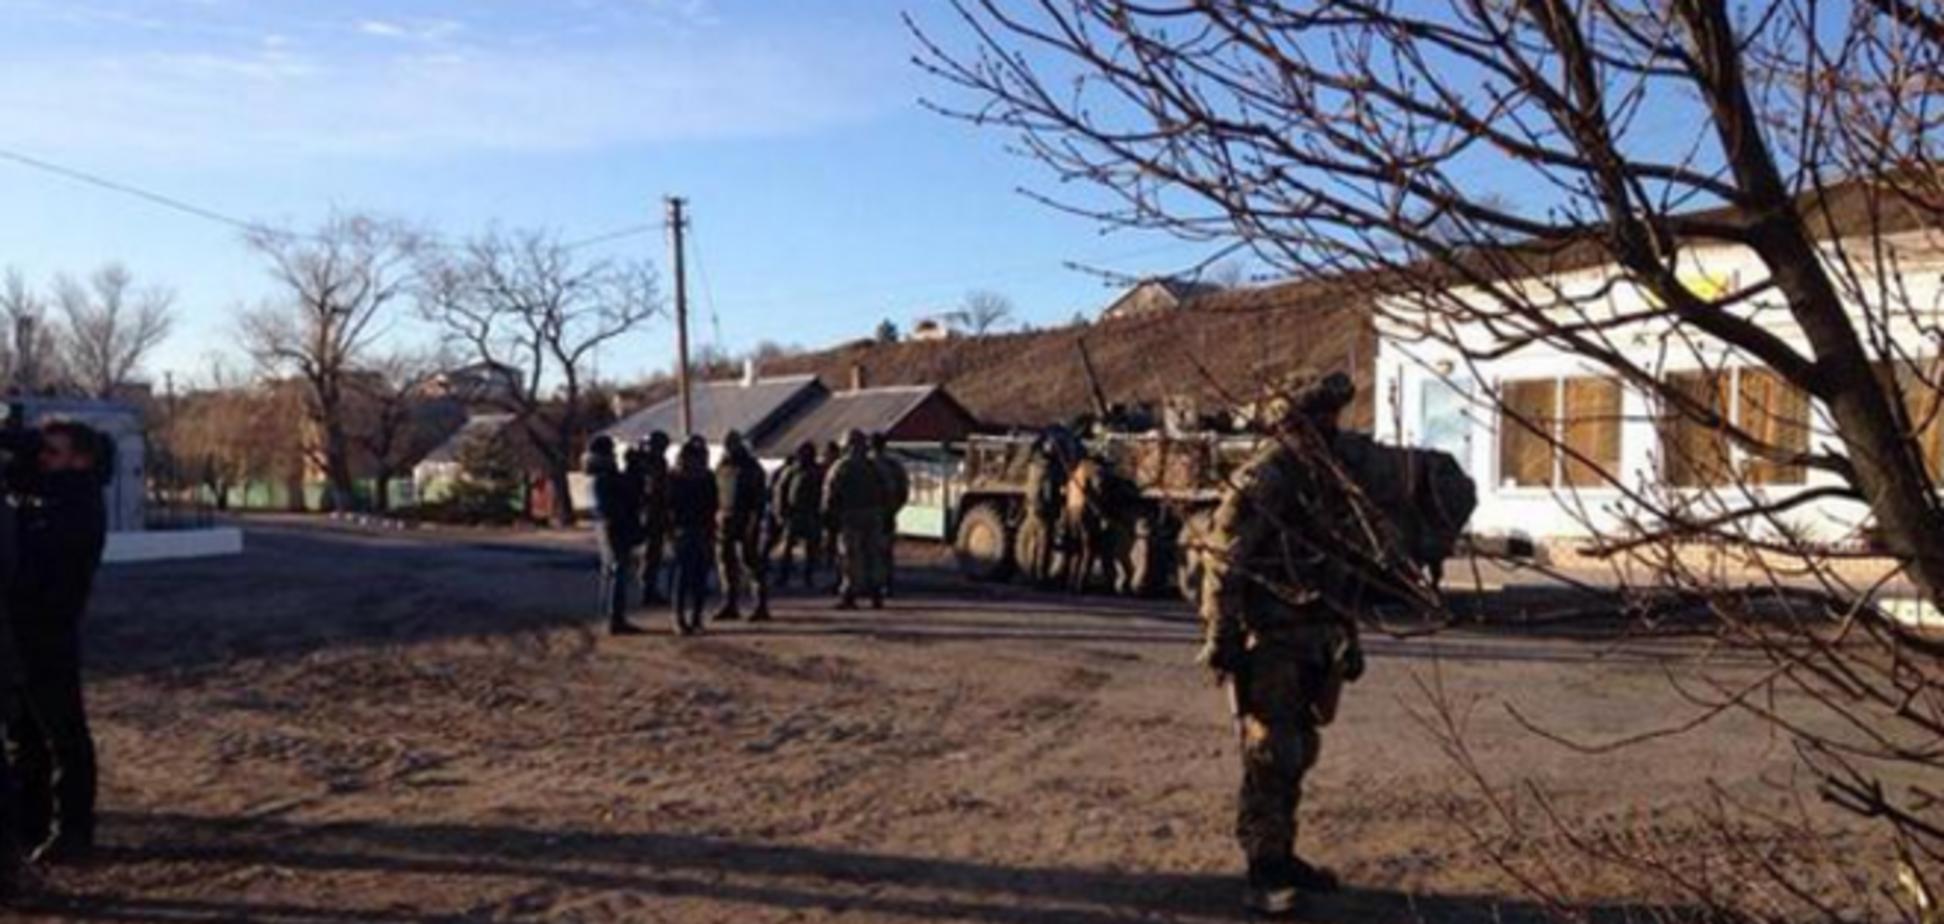 Западную часть Широкино удерживают бойцы АТО, а восточную боевики - журналист